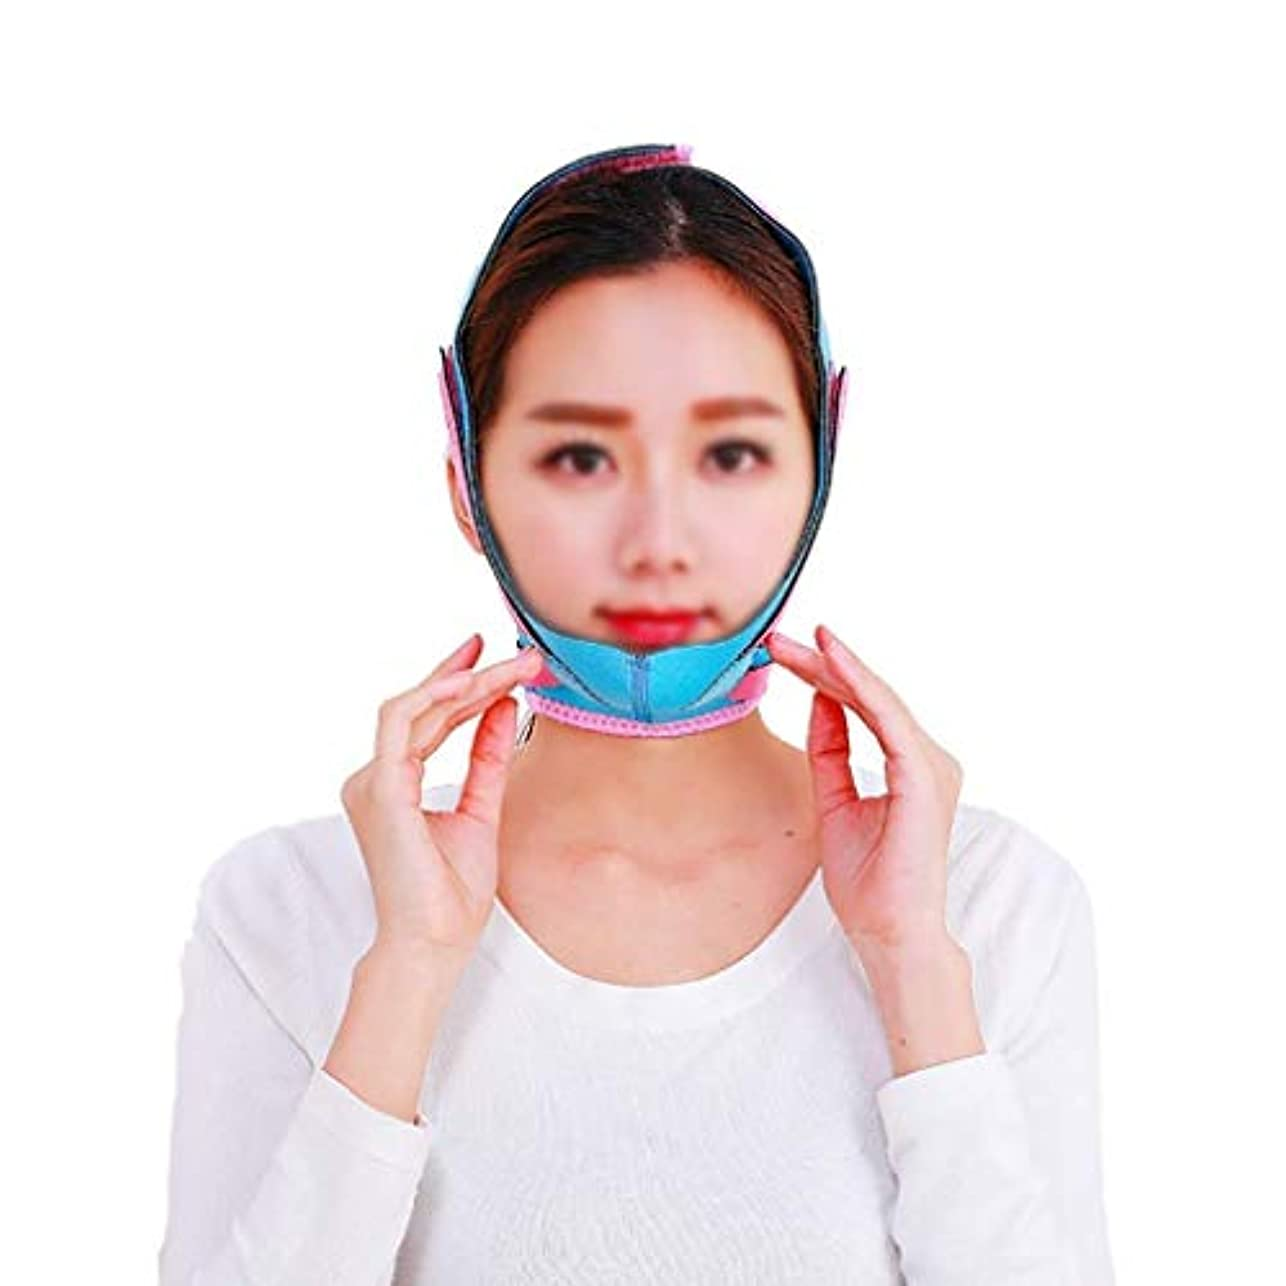 容量伝染病におい顔と首のリフト、男性と女性のフェイスリフトアーティファクトシュリンクマスクを強化輪郭の救済ドループ筋肉引き締め肌弾性V顔包帯